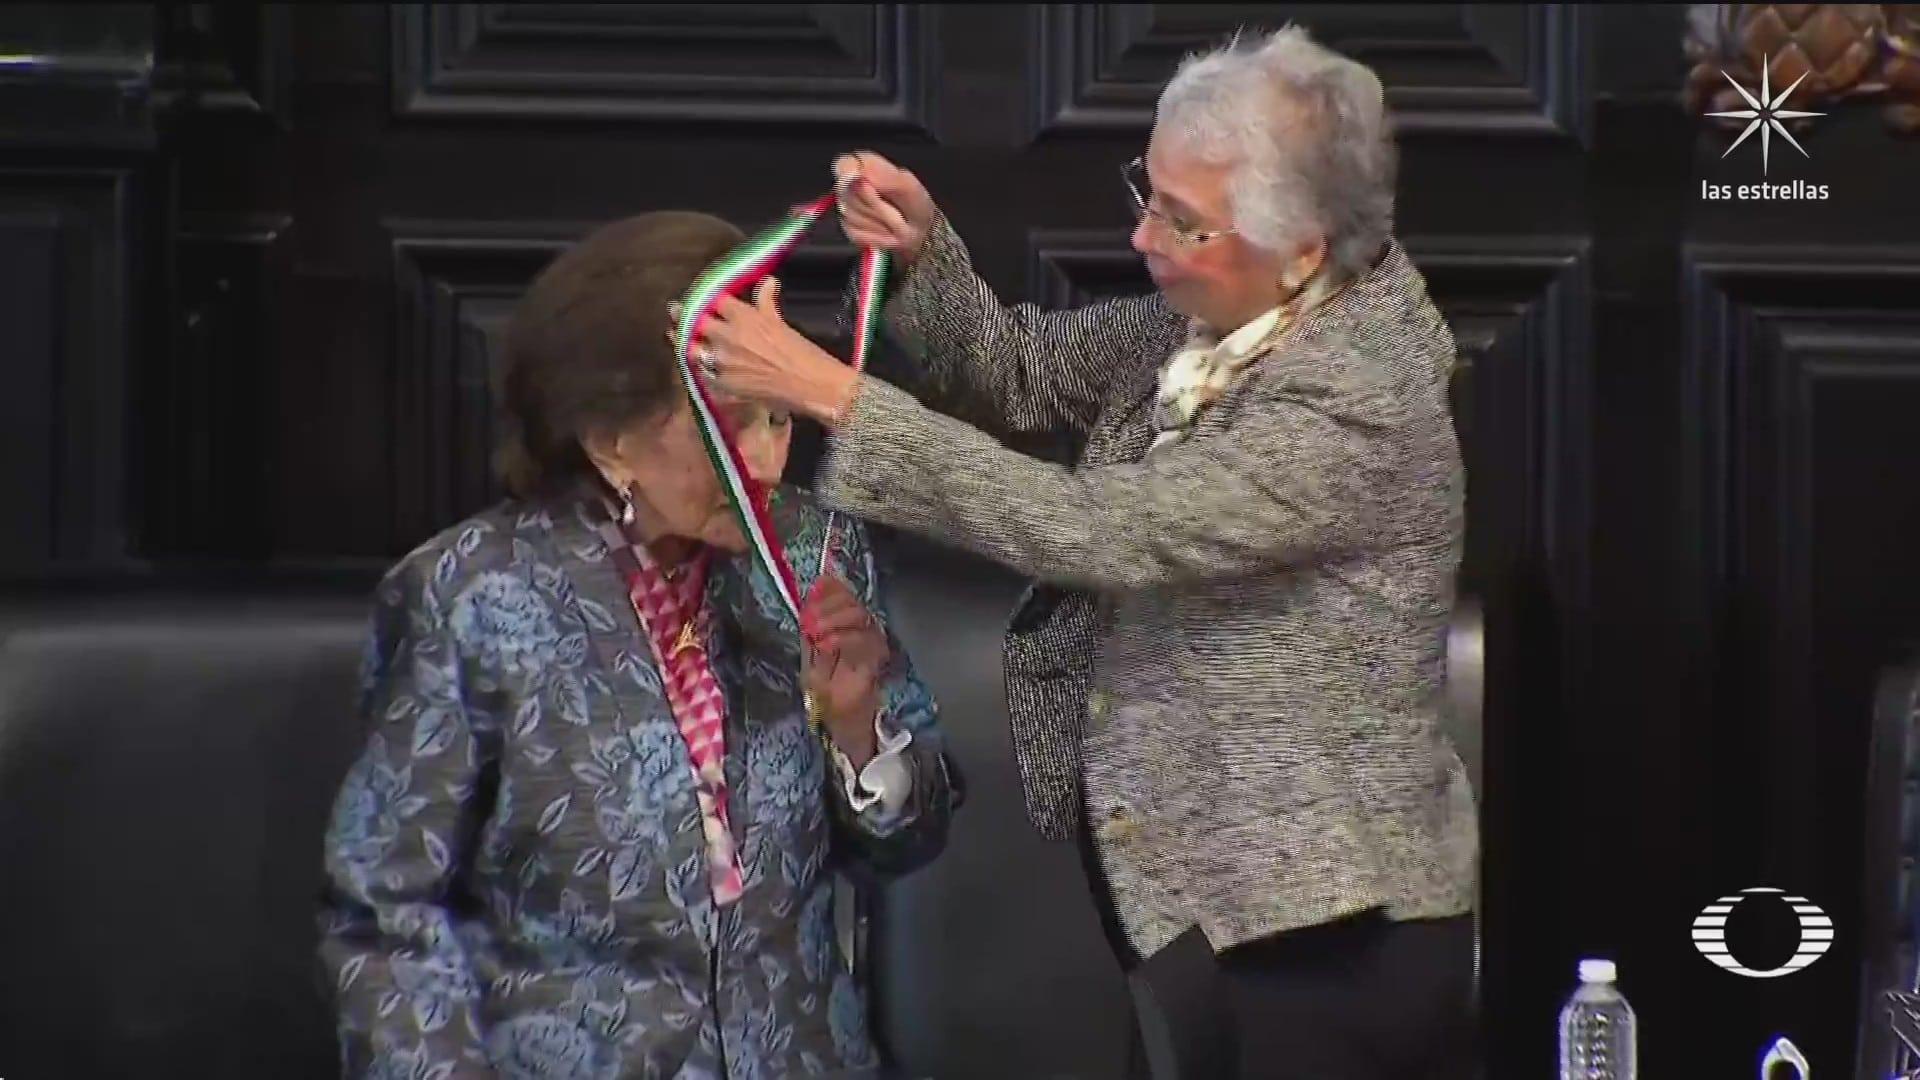 sin amlo senado entrega la medalla belisario dominguez